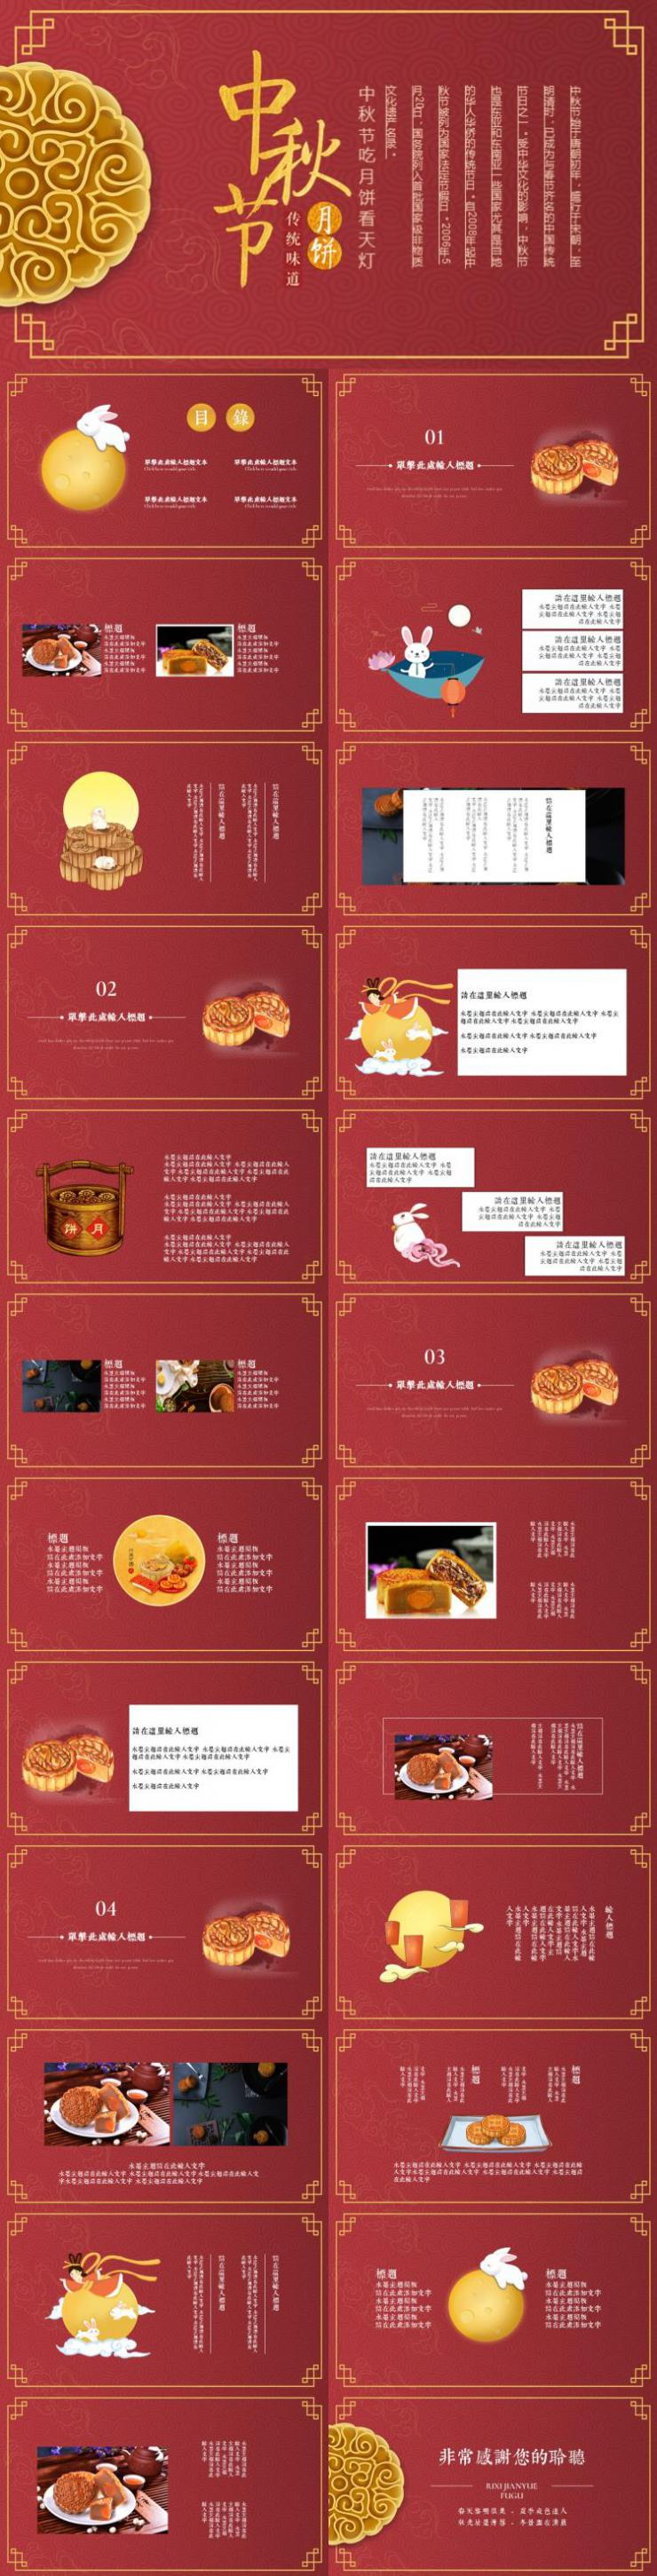 中秋节传统味道PPT模板下载